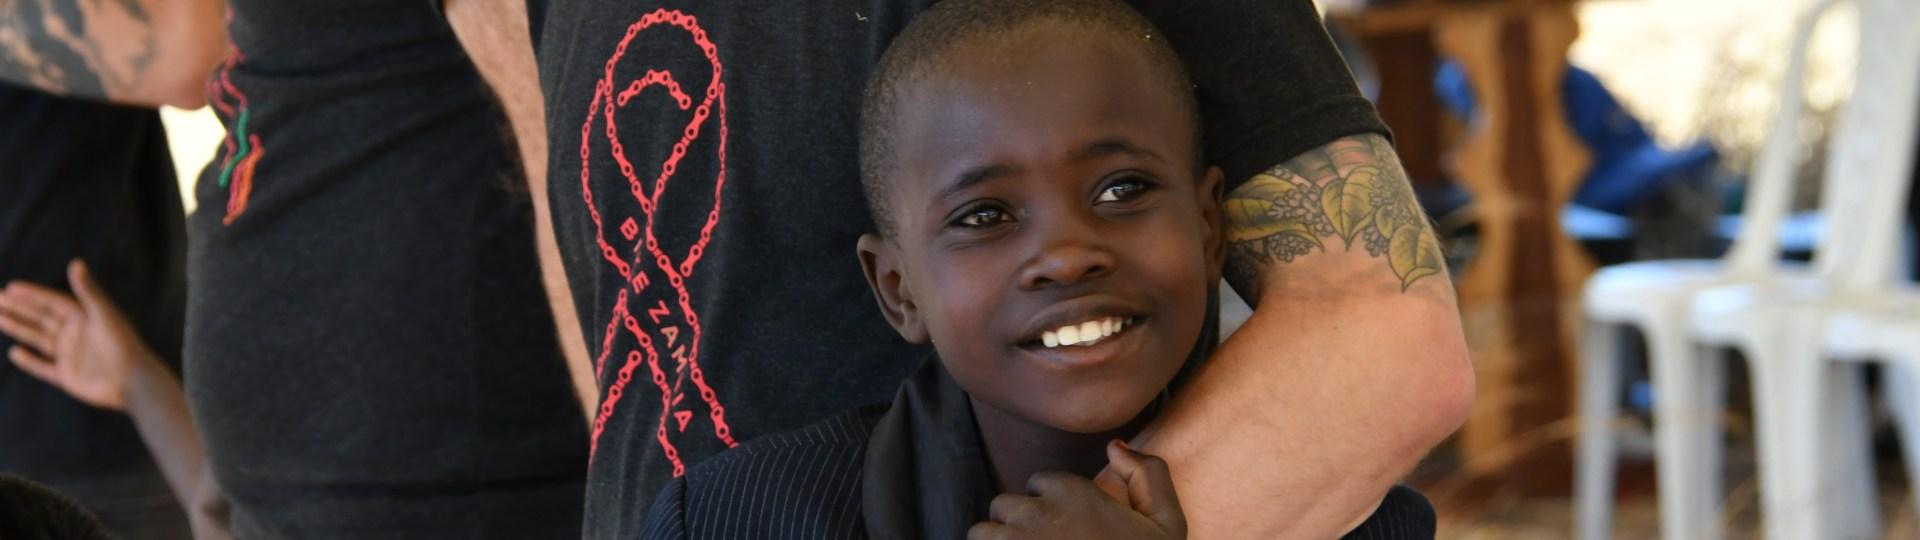 Bike Zambia 6: Ending HIV/AIDS, Empowering Women, and Girls in Zambia